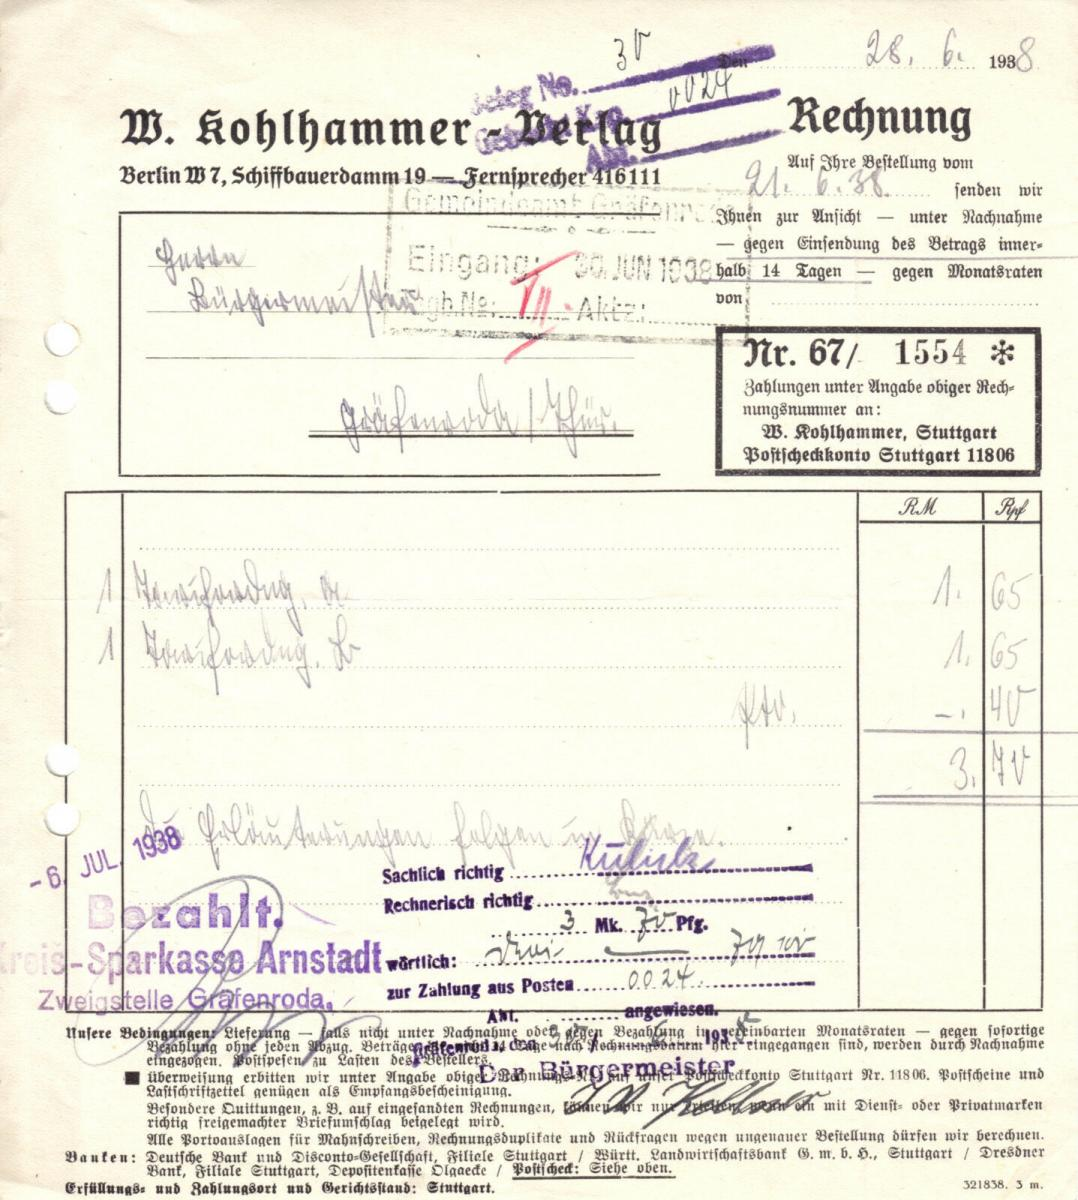 Rechnung, W. Kohlhammer - Verlag, Berlin W 7, Schiffbauerdamm 19, 21.06.1938